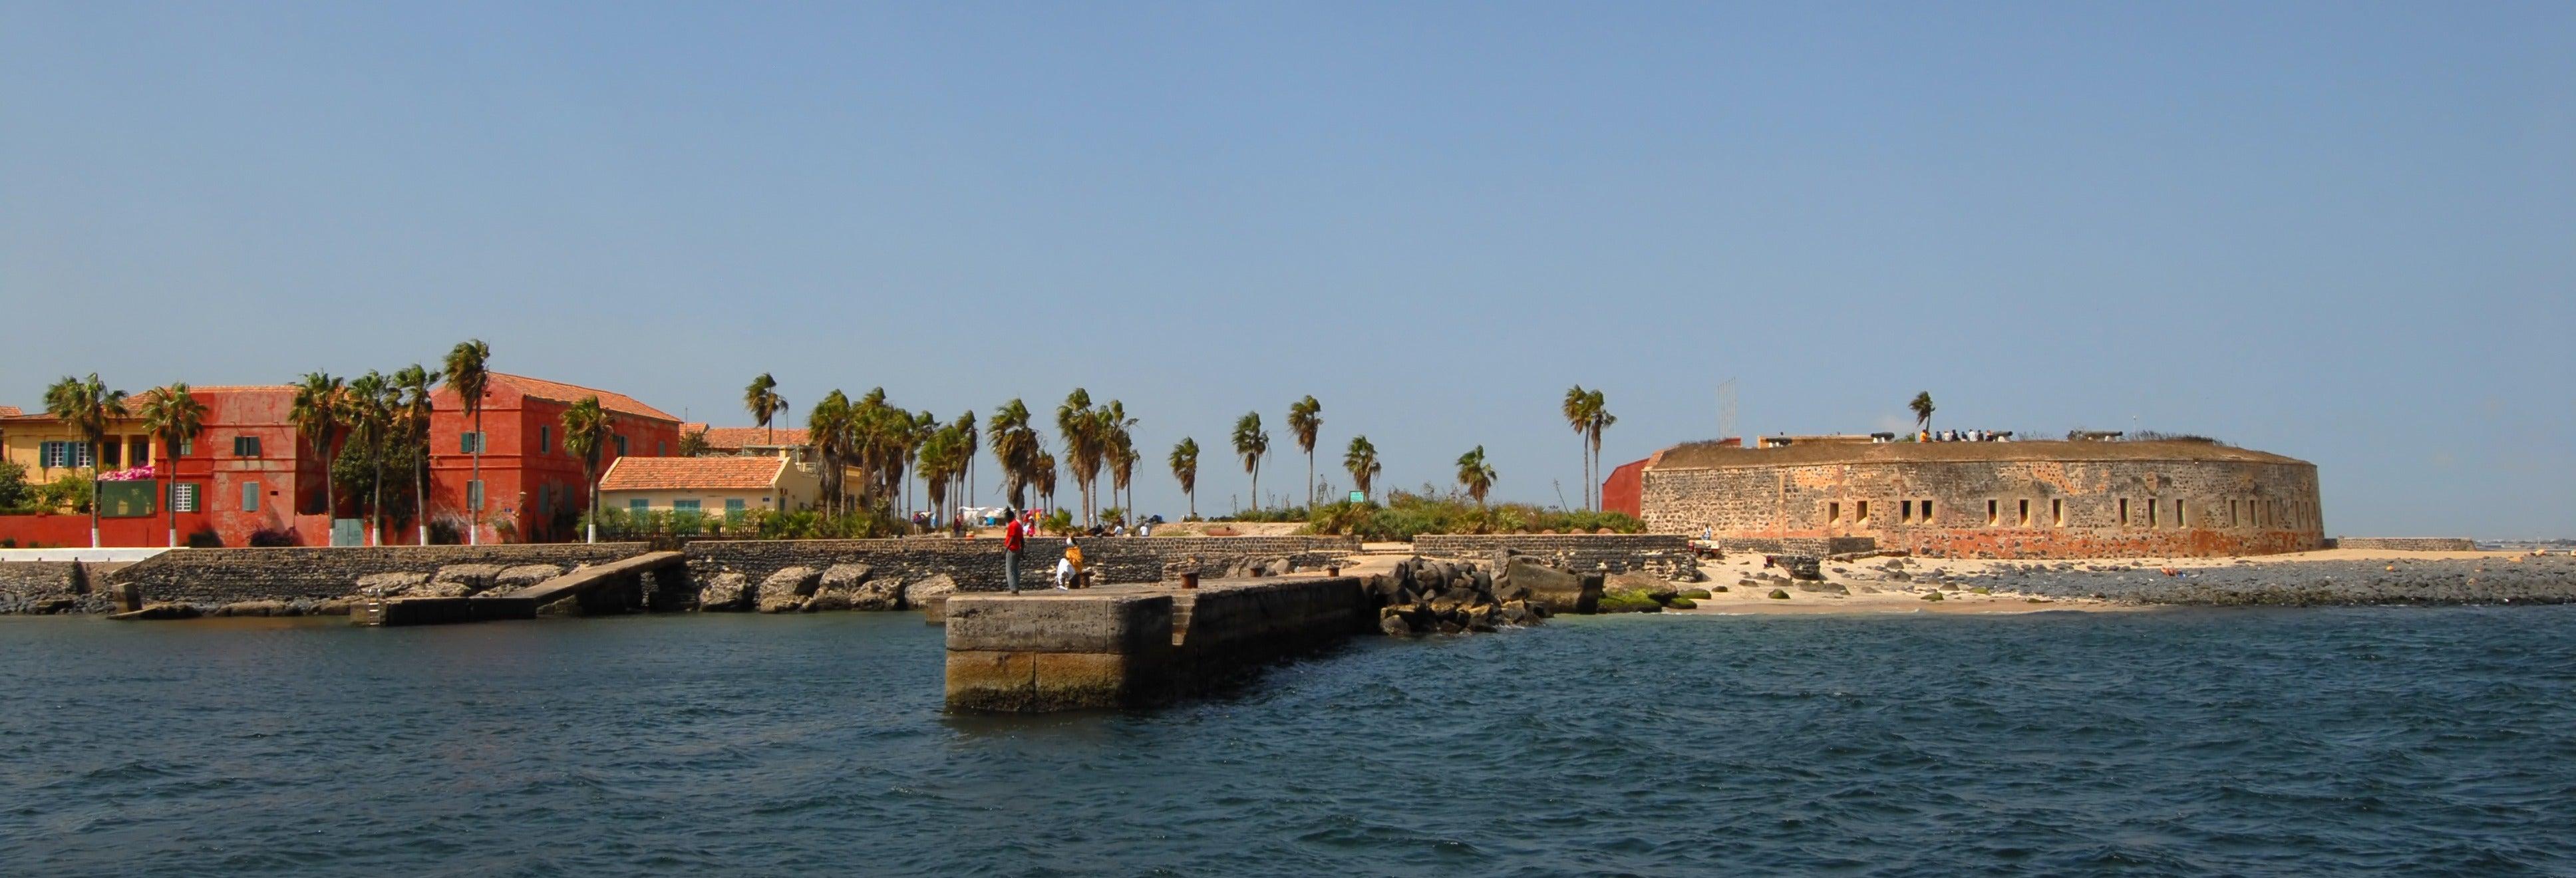 Excursão a Dakar e à Ilha de Gorea